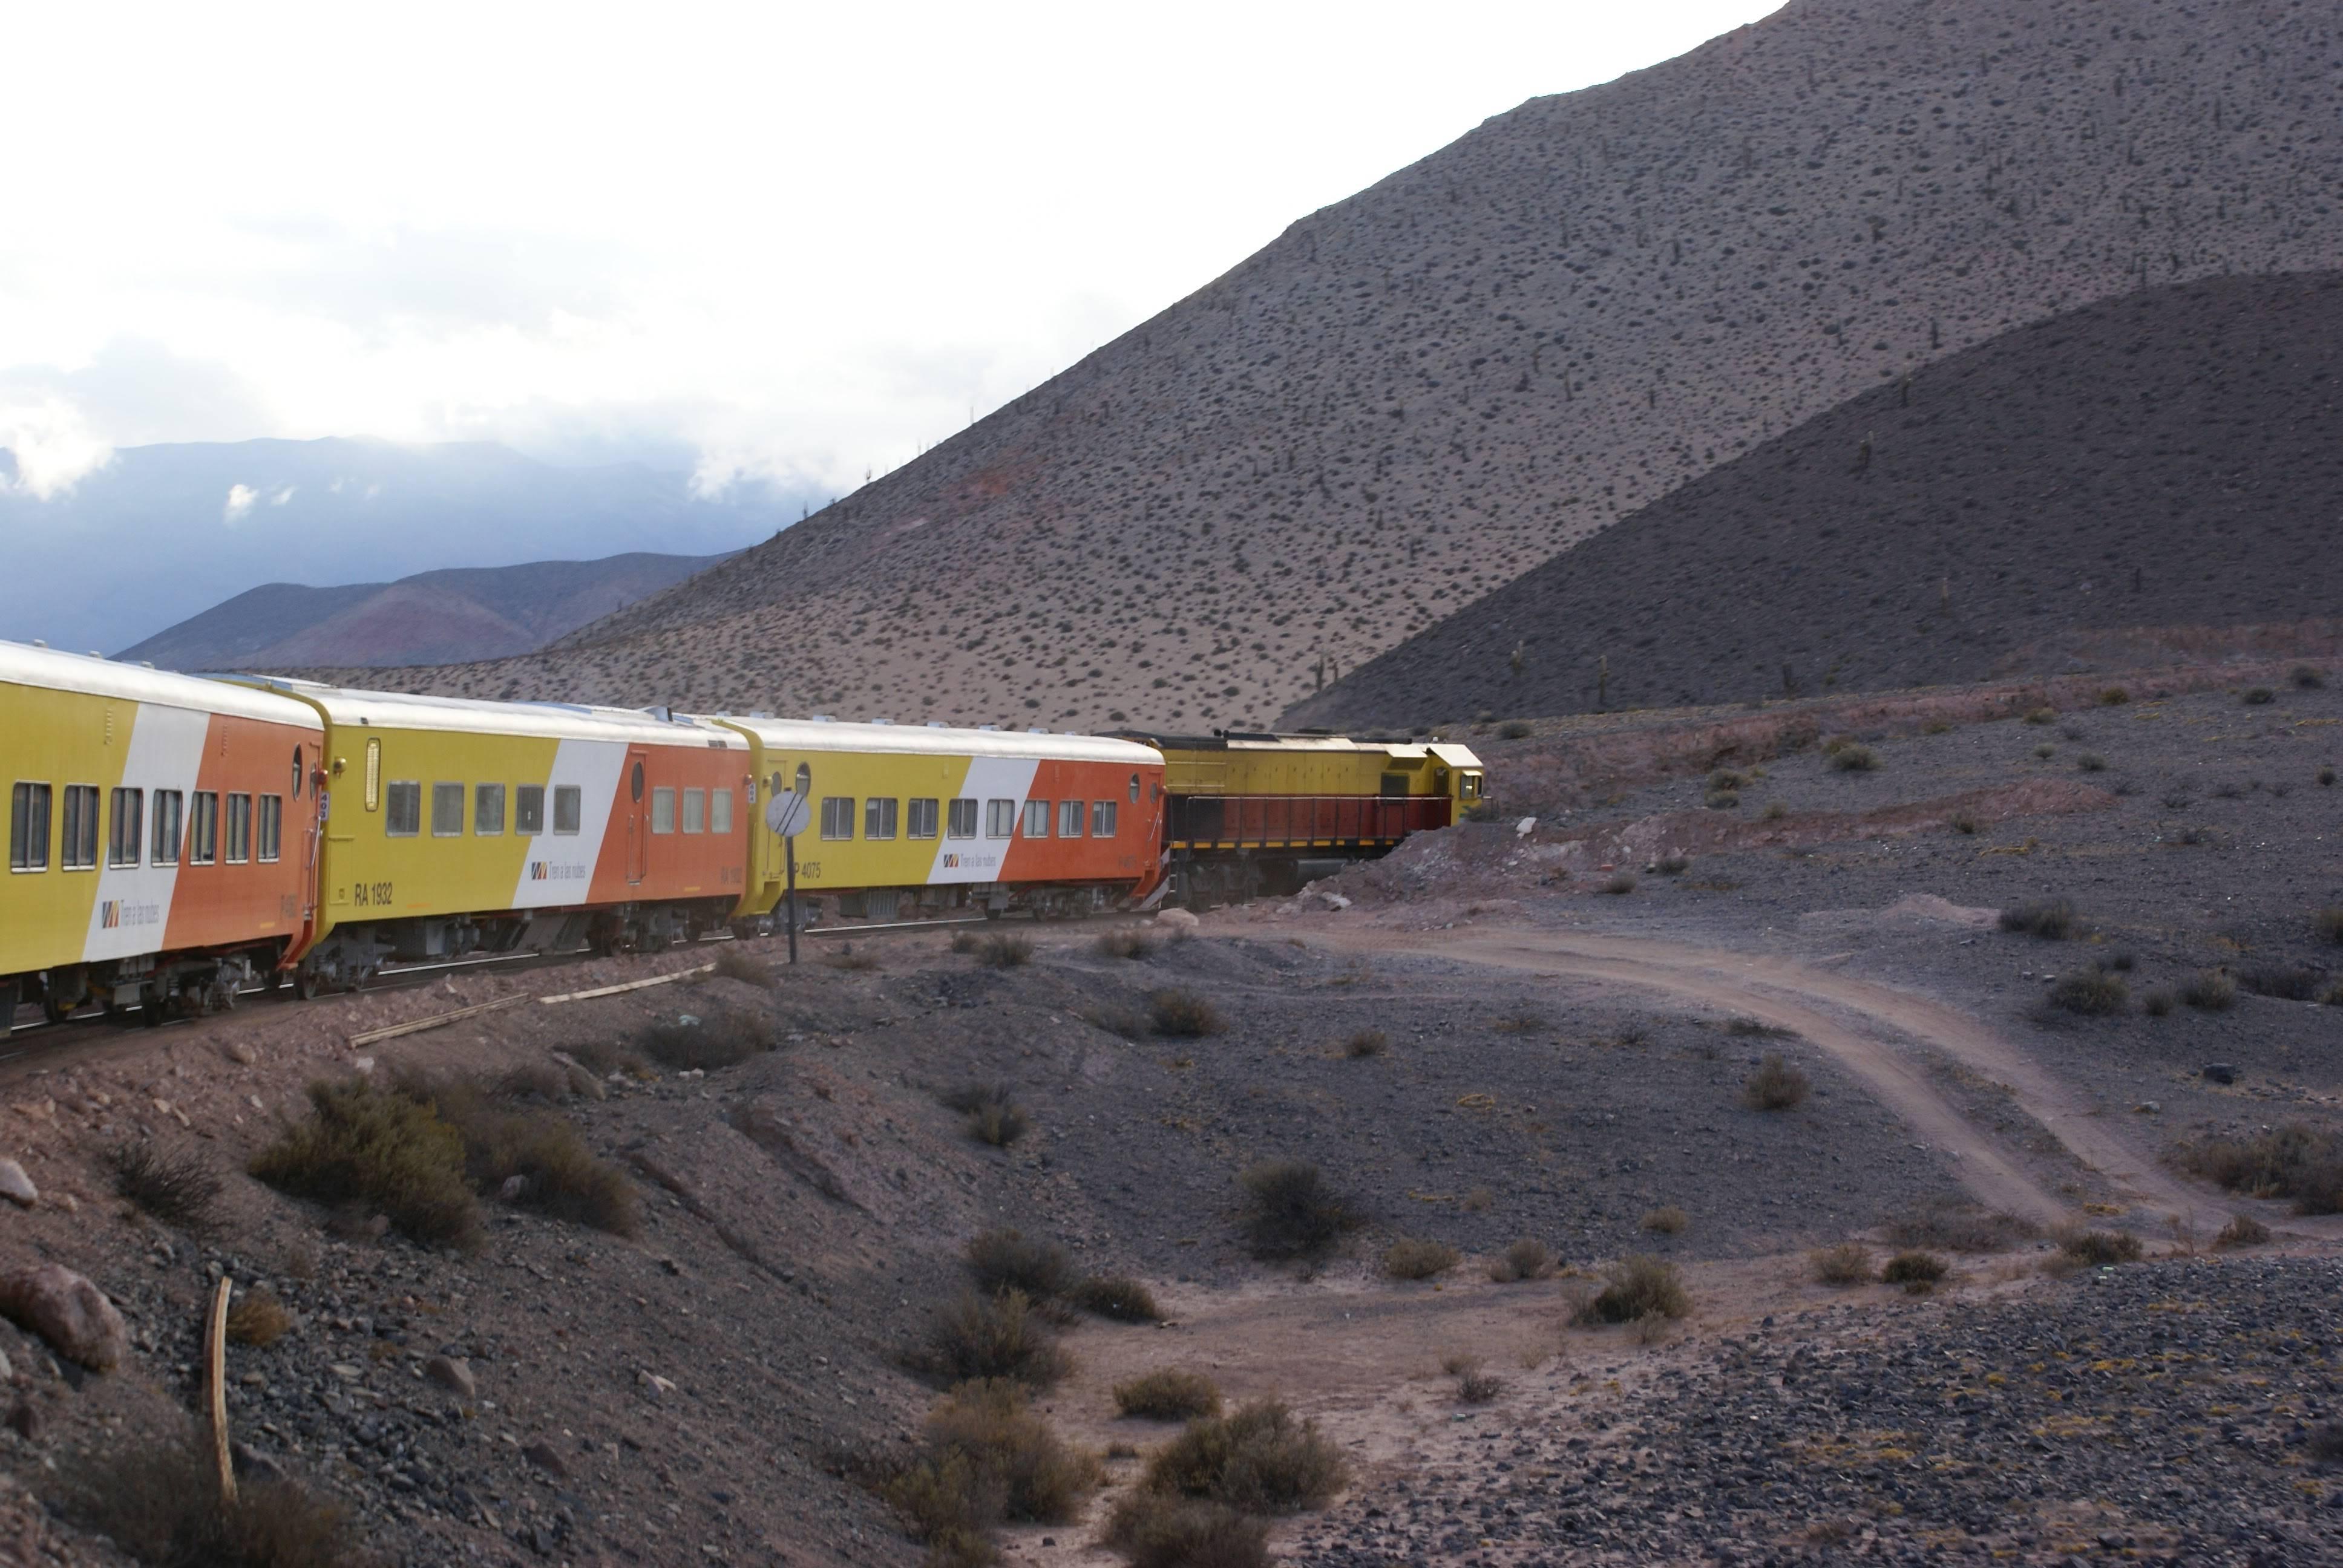 Photo 1: Tren a las nubes, Argentine, Salta, Cordillère des Andes